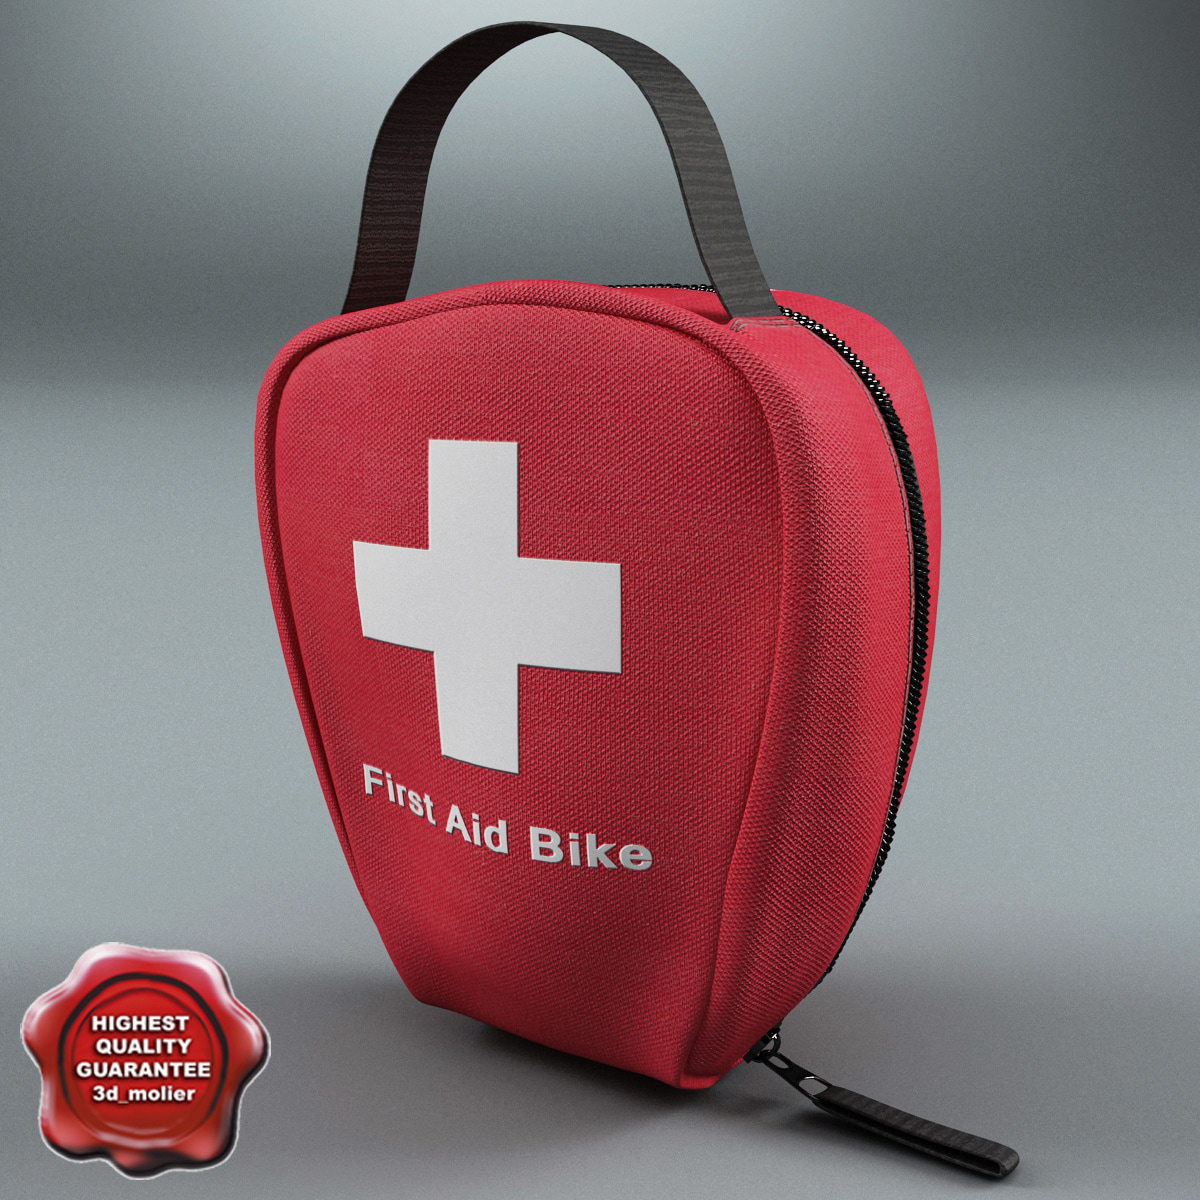 Bike Bag First Aid